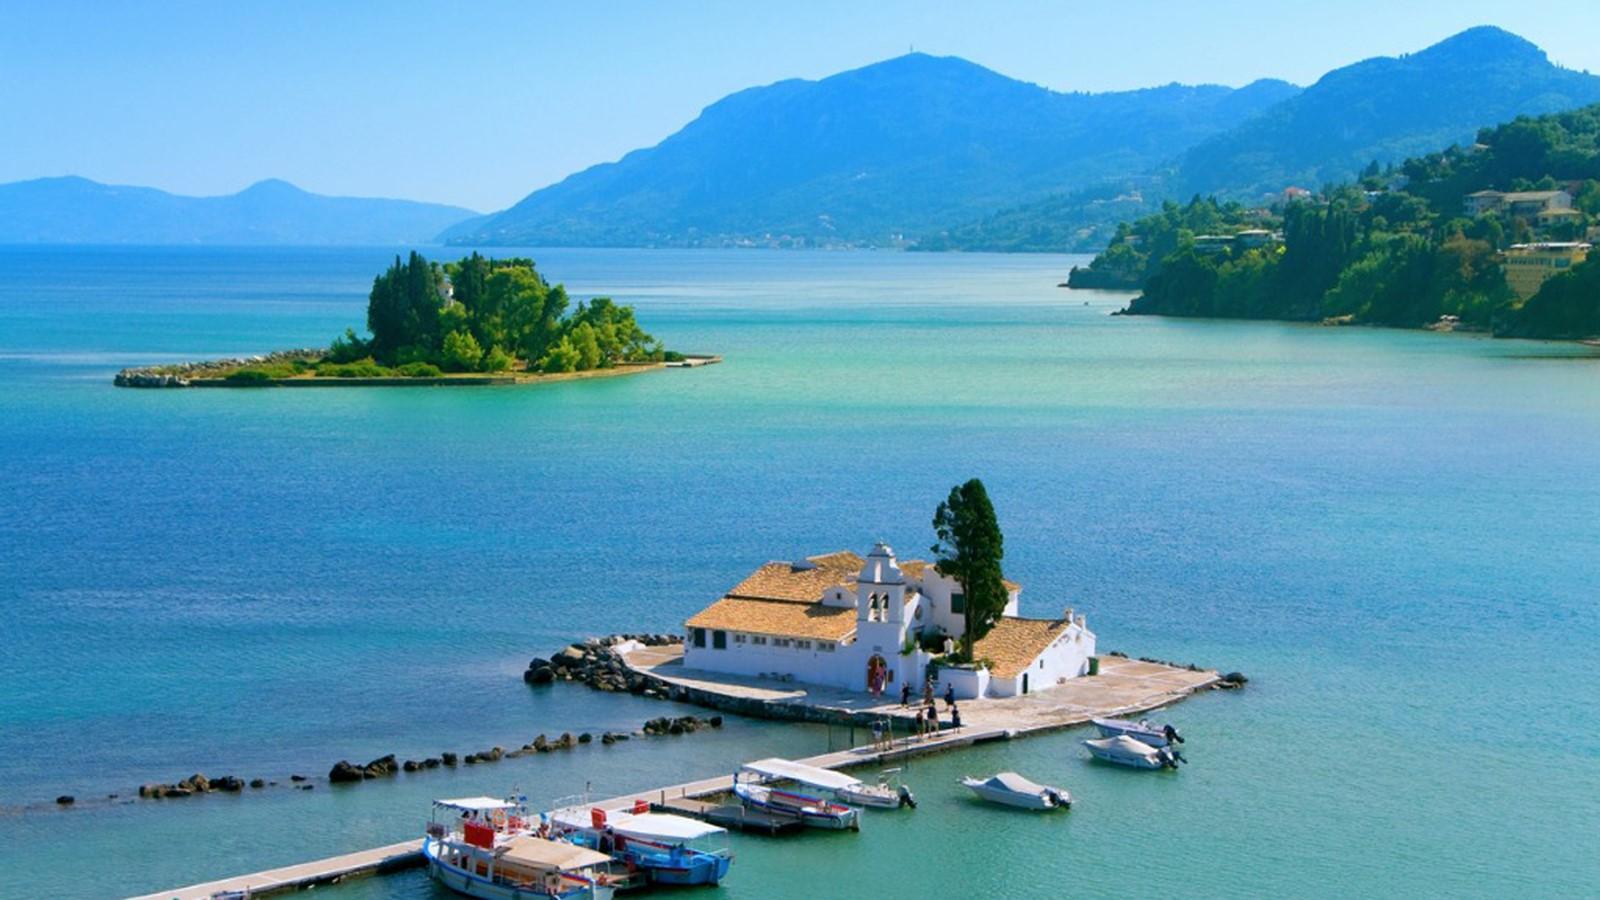 corfu-greece-636409425119593388_1600_900